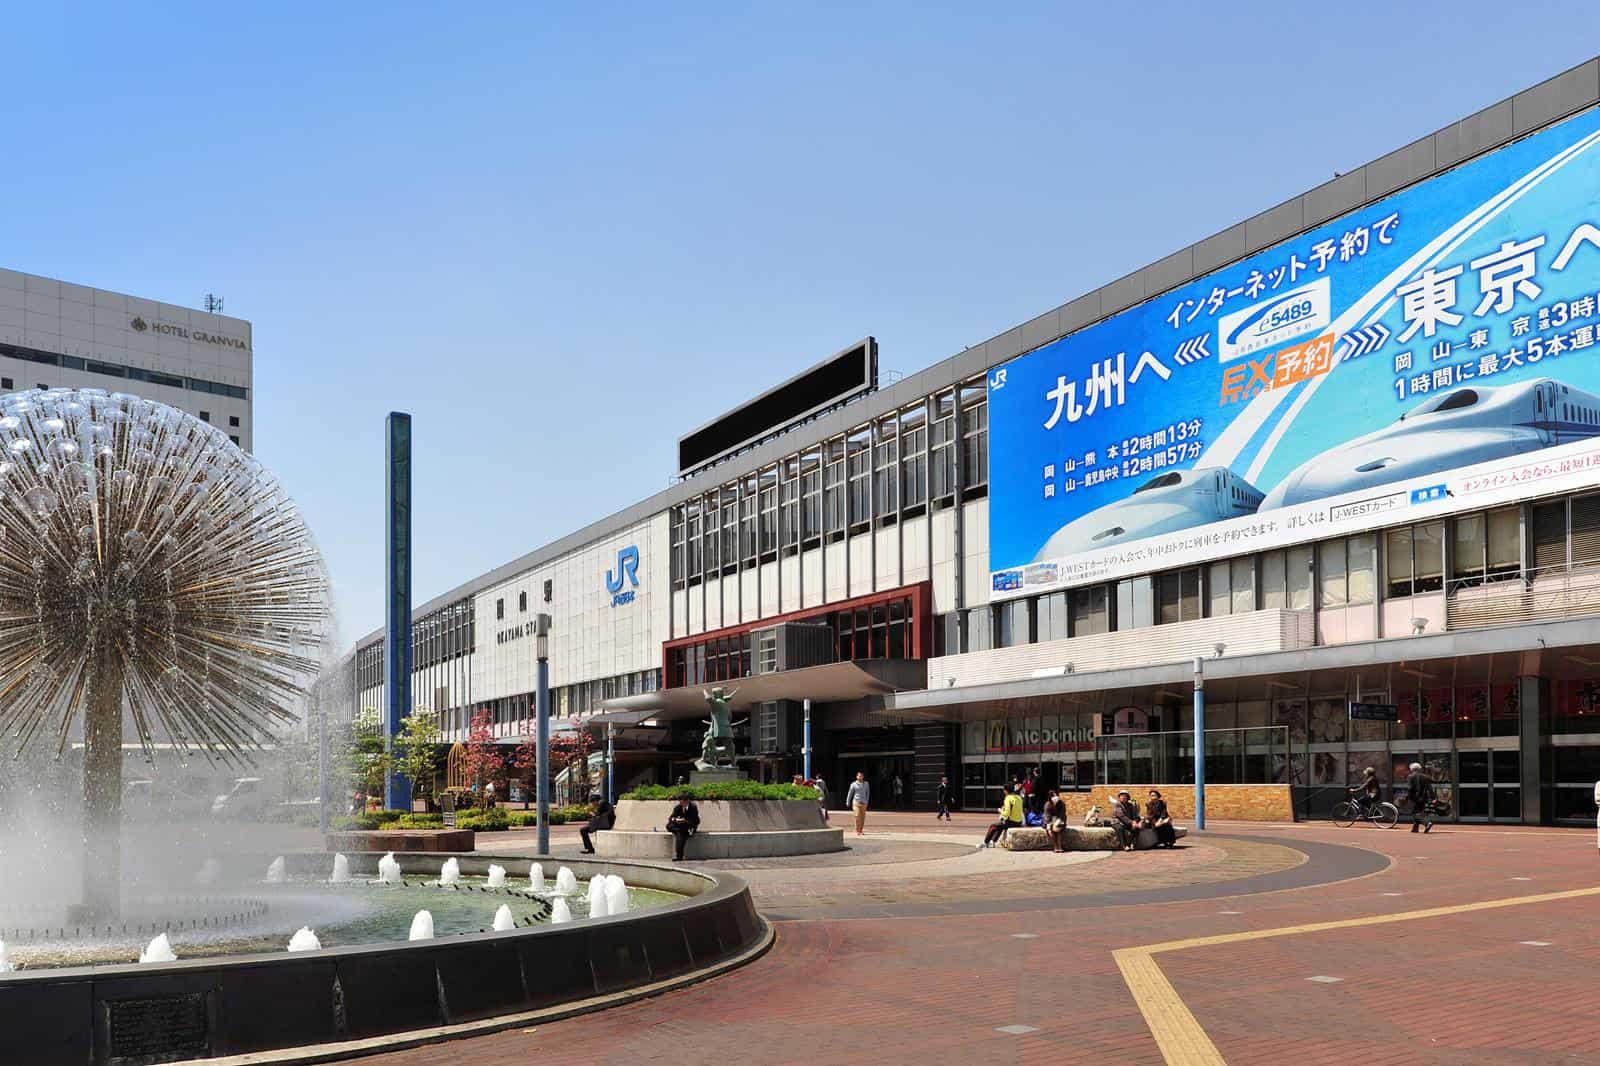 วิธีไปโอคายาม่า (Okayama : 岡山) Okayama Station สถานีใหญ่ของจังหวัดโอคายาม่าที่รถไฟชินคันเซ็นวิ่งผ่าน